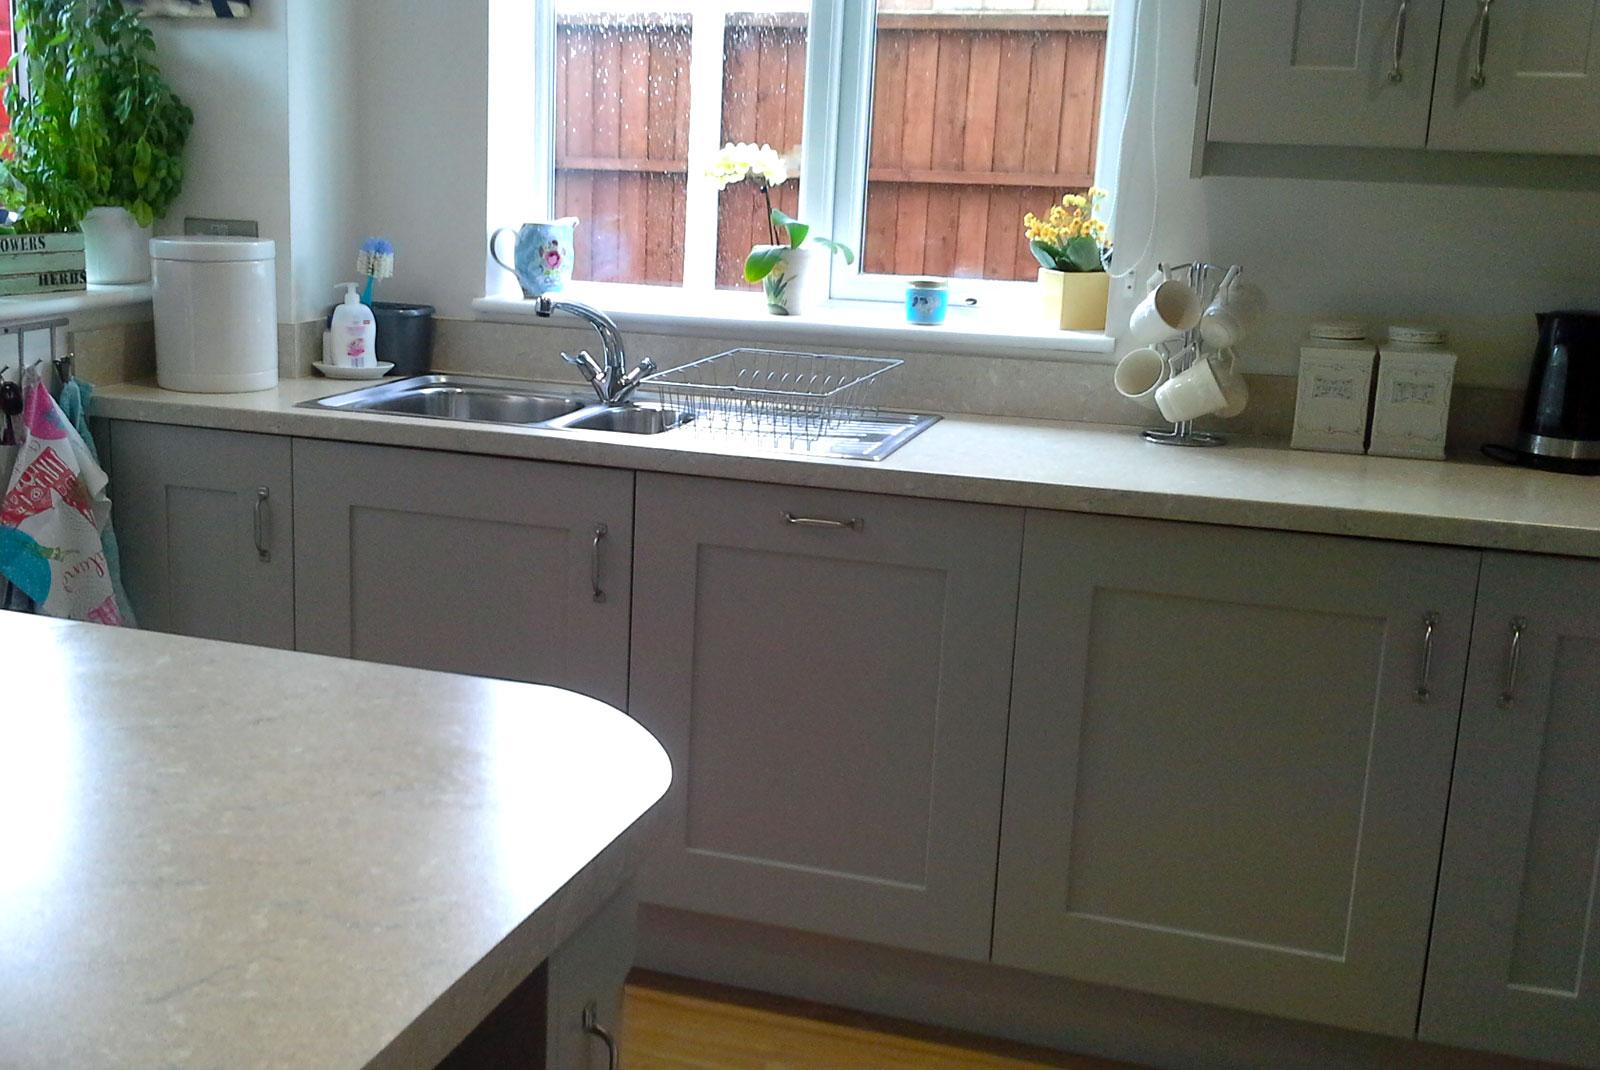 Stanbury cashmere for Diy kitchens com reviews